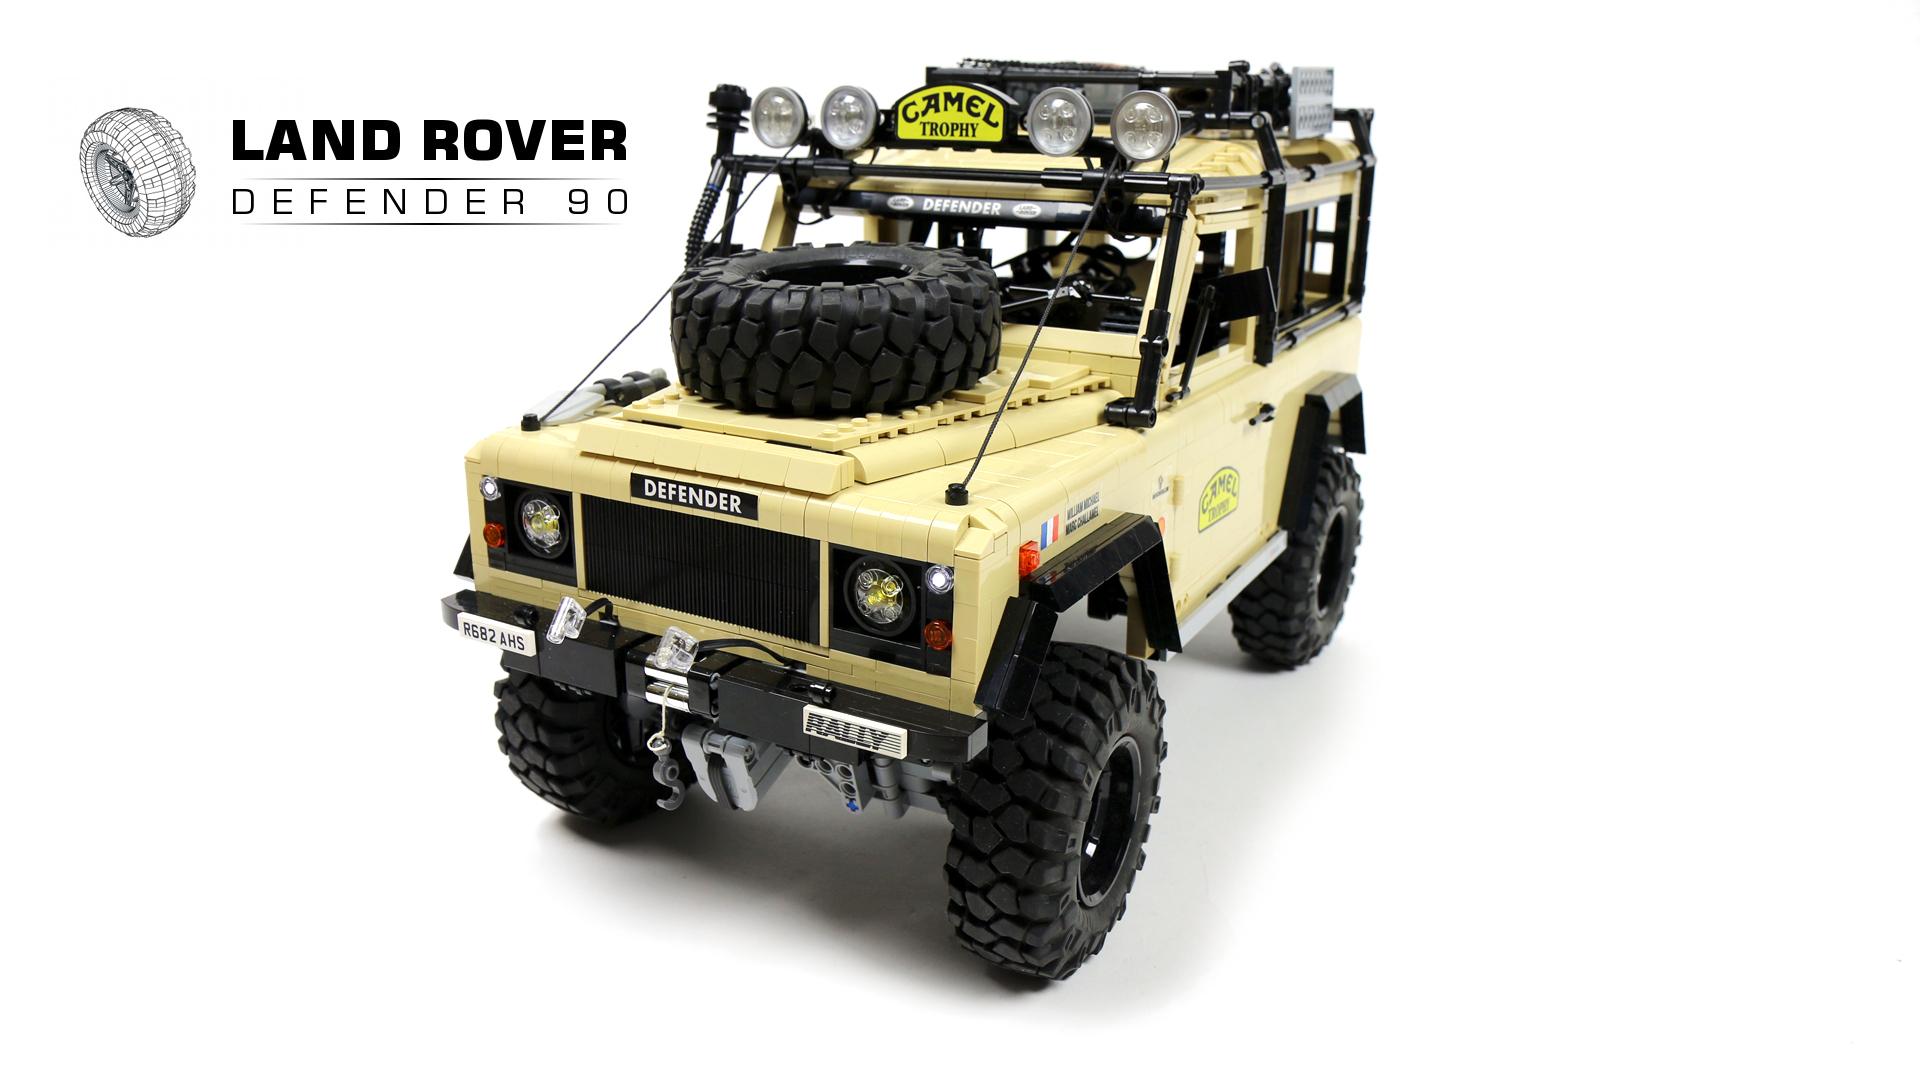 land rover defender 90. Black Bedroom Furniture Sets. Home Design Ideas